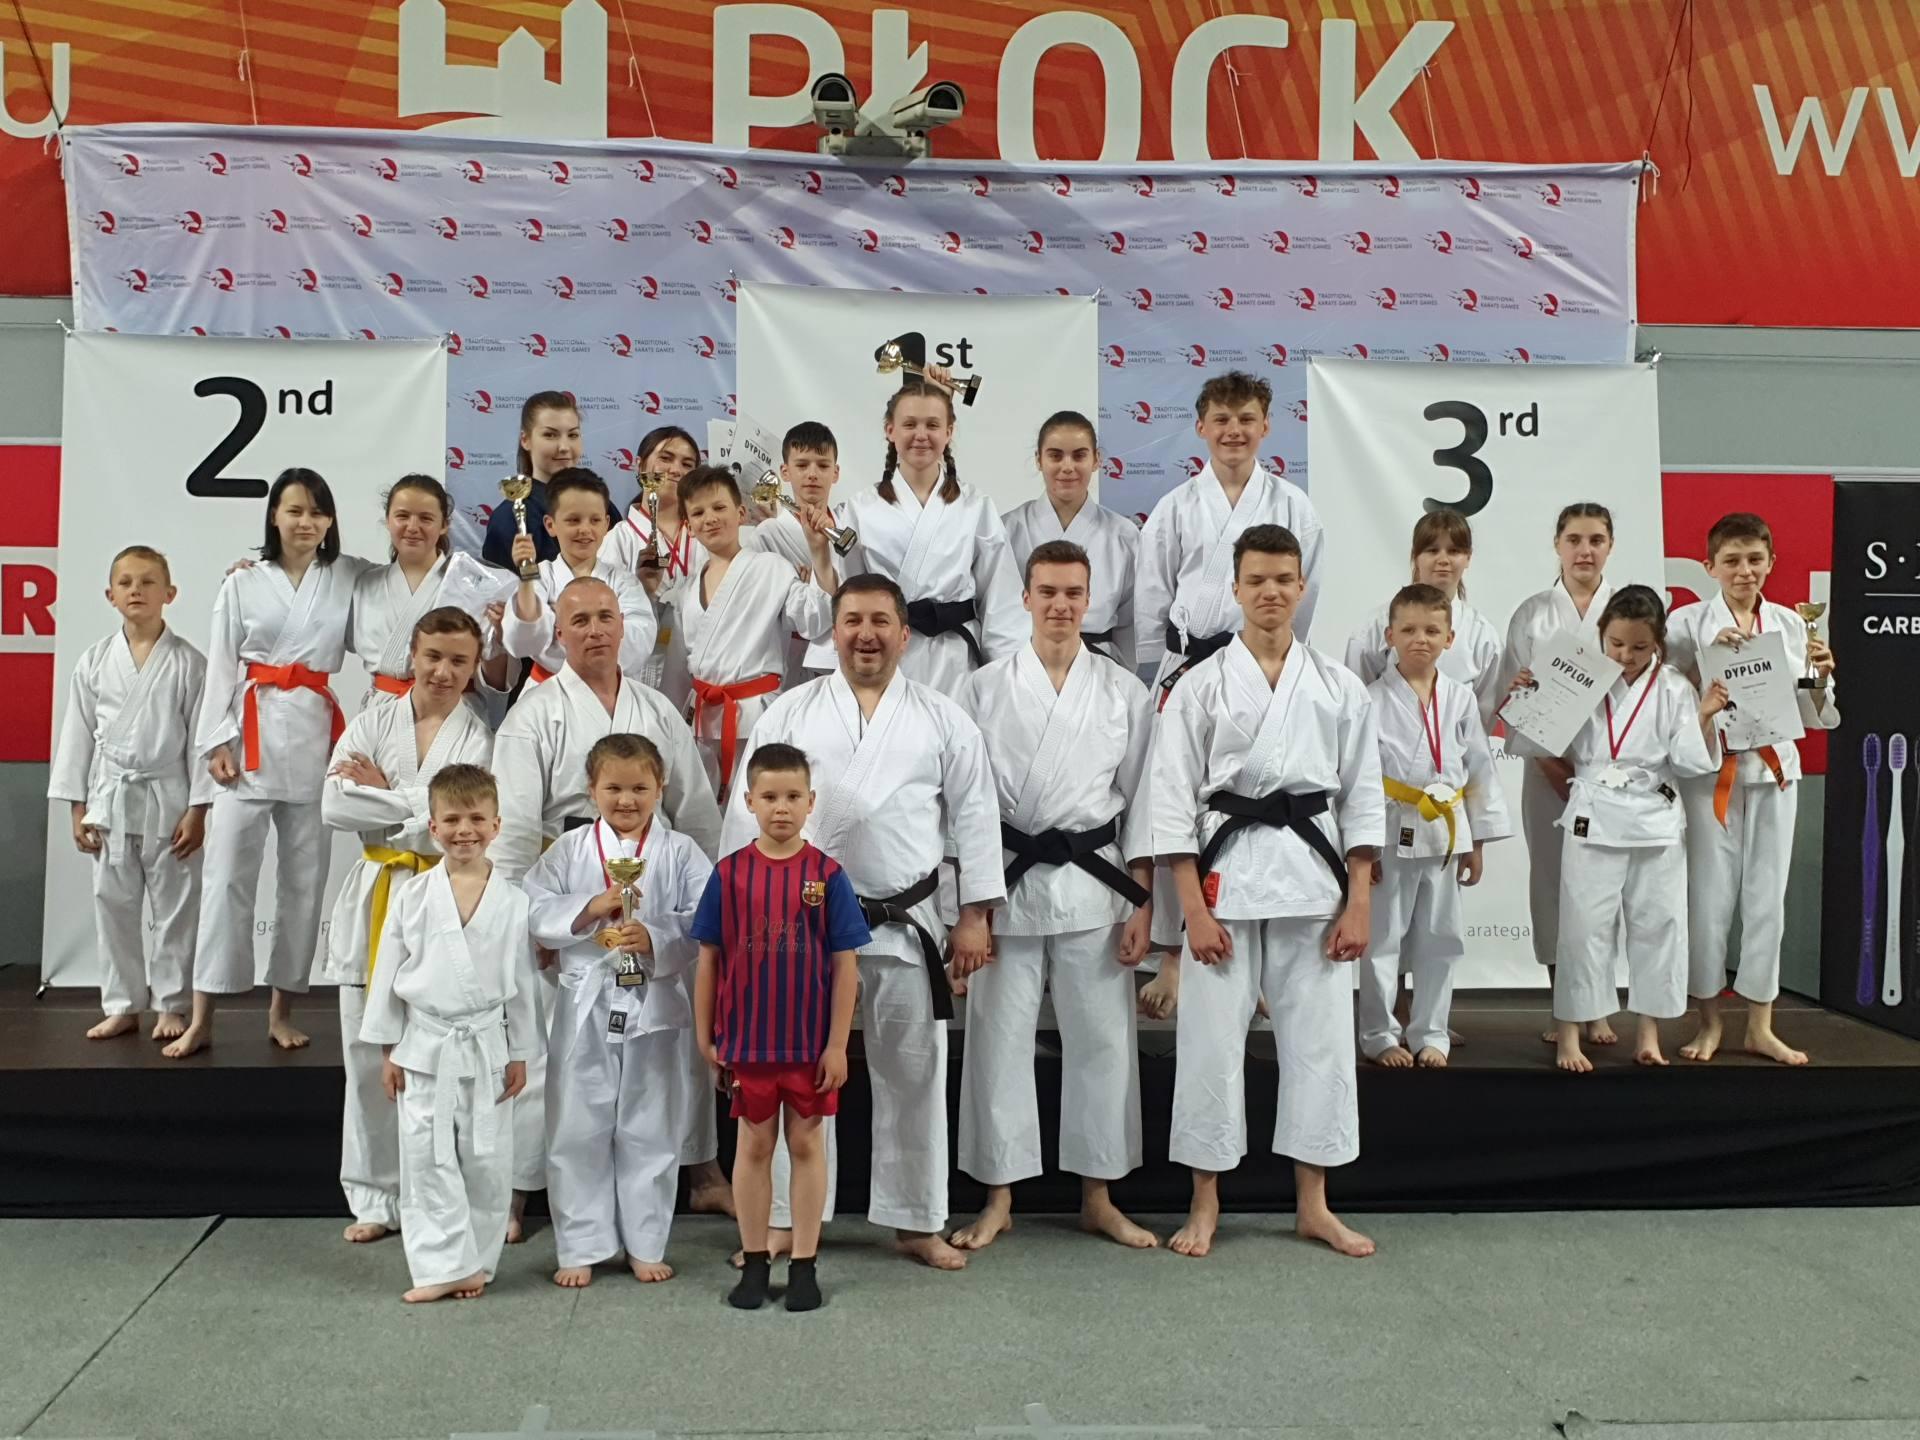 tkg plock ekipa zkkt fot m tulecka Karatecy Zamojskiego Klubu Karate Tradycyjnego w Zamościu na podium Mistrzostw Polski! [ZDJĘCIA]